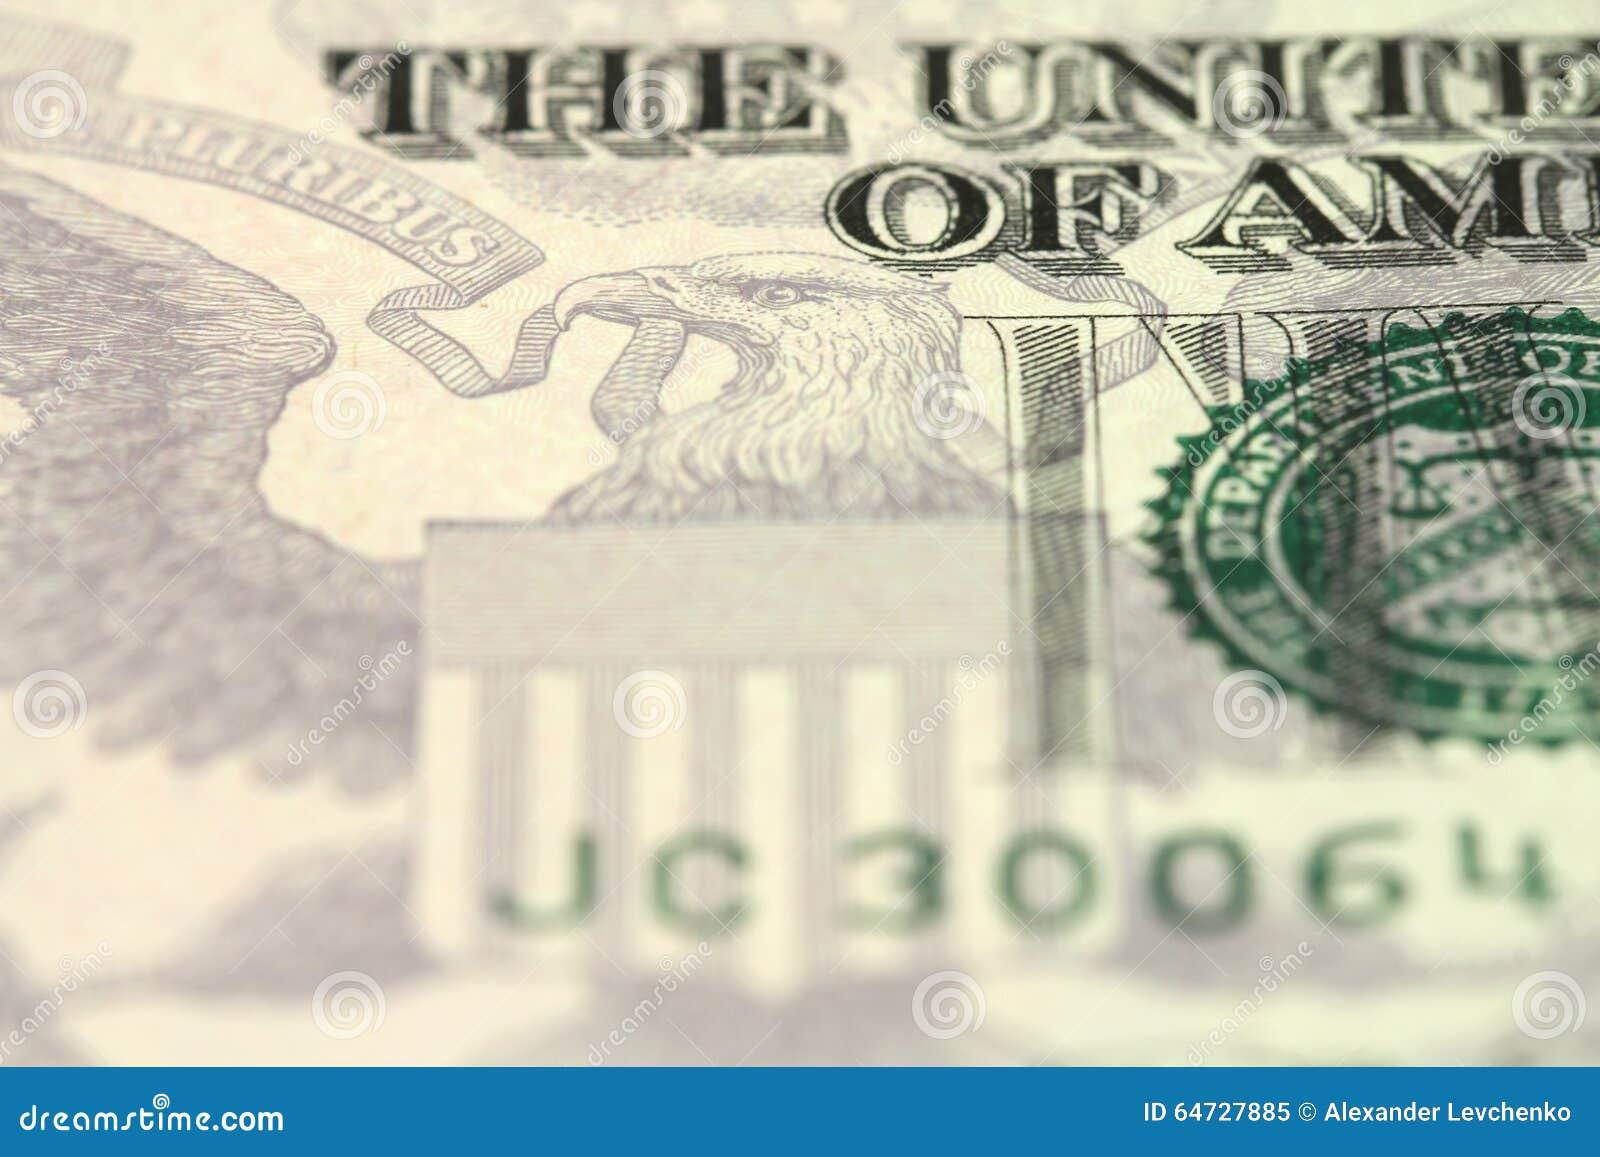 Un frammento di una denominazione di cinque dollari americani